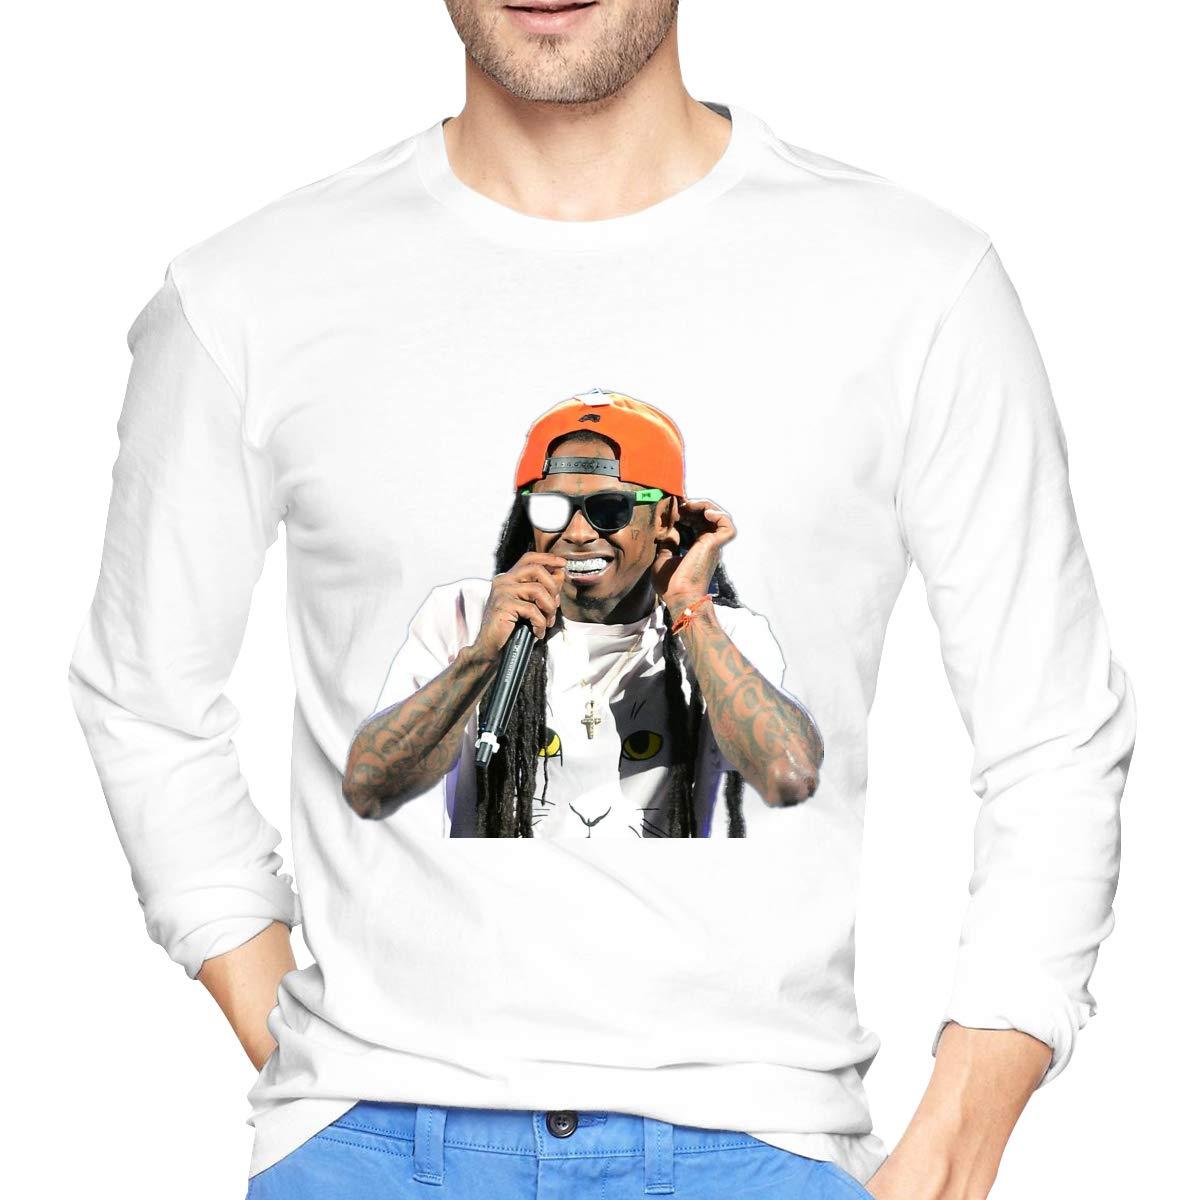 Lihehen S Lil Wayne Fashion Leisure Round Neck T Shirt S